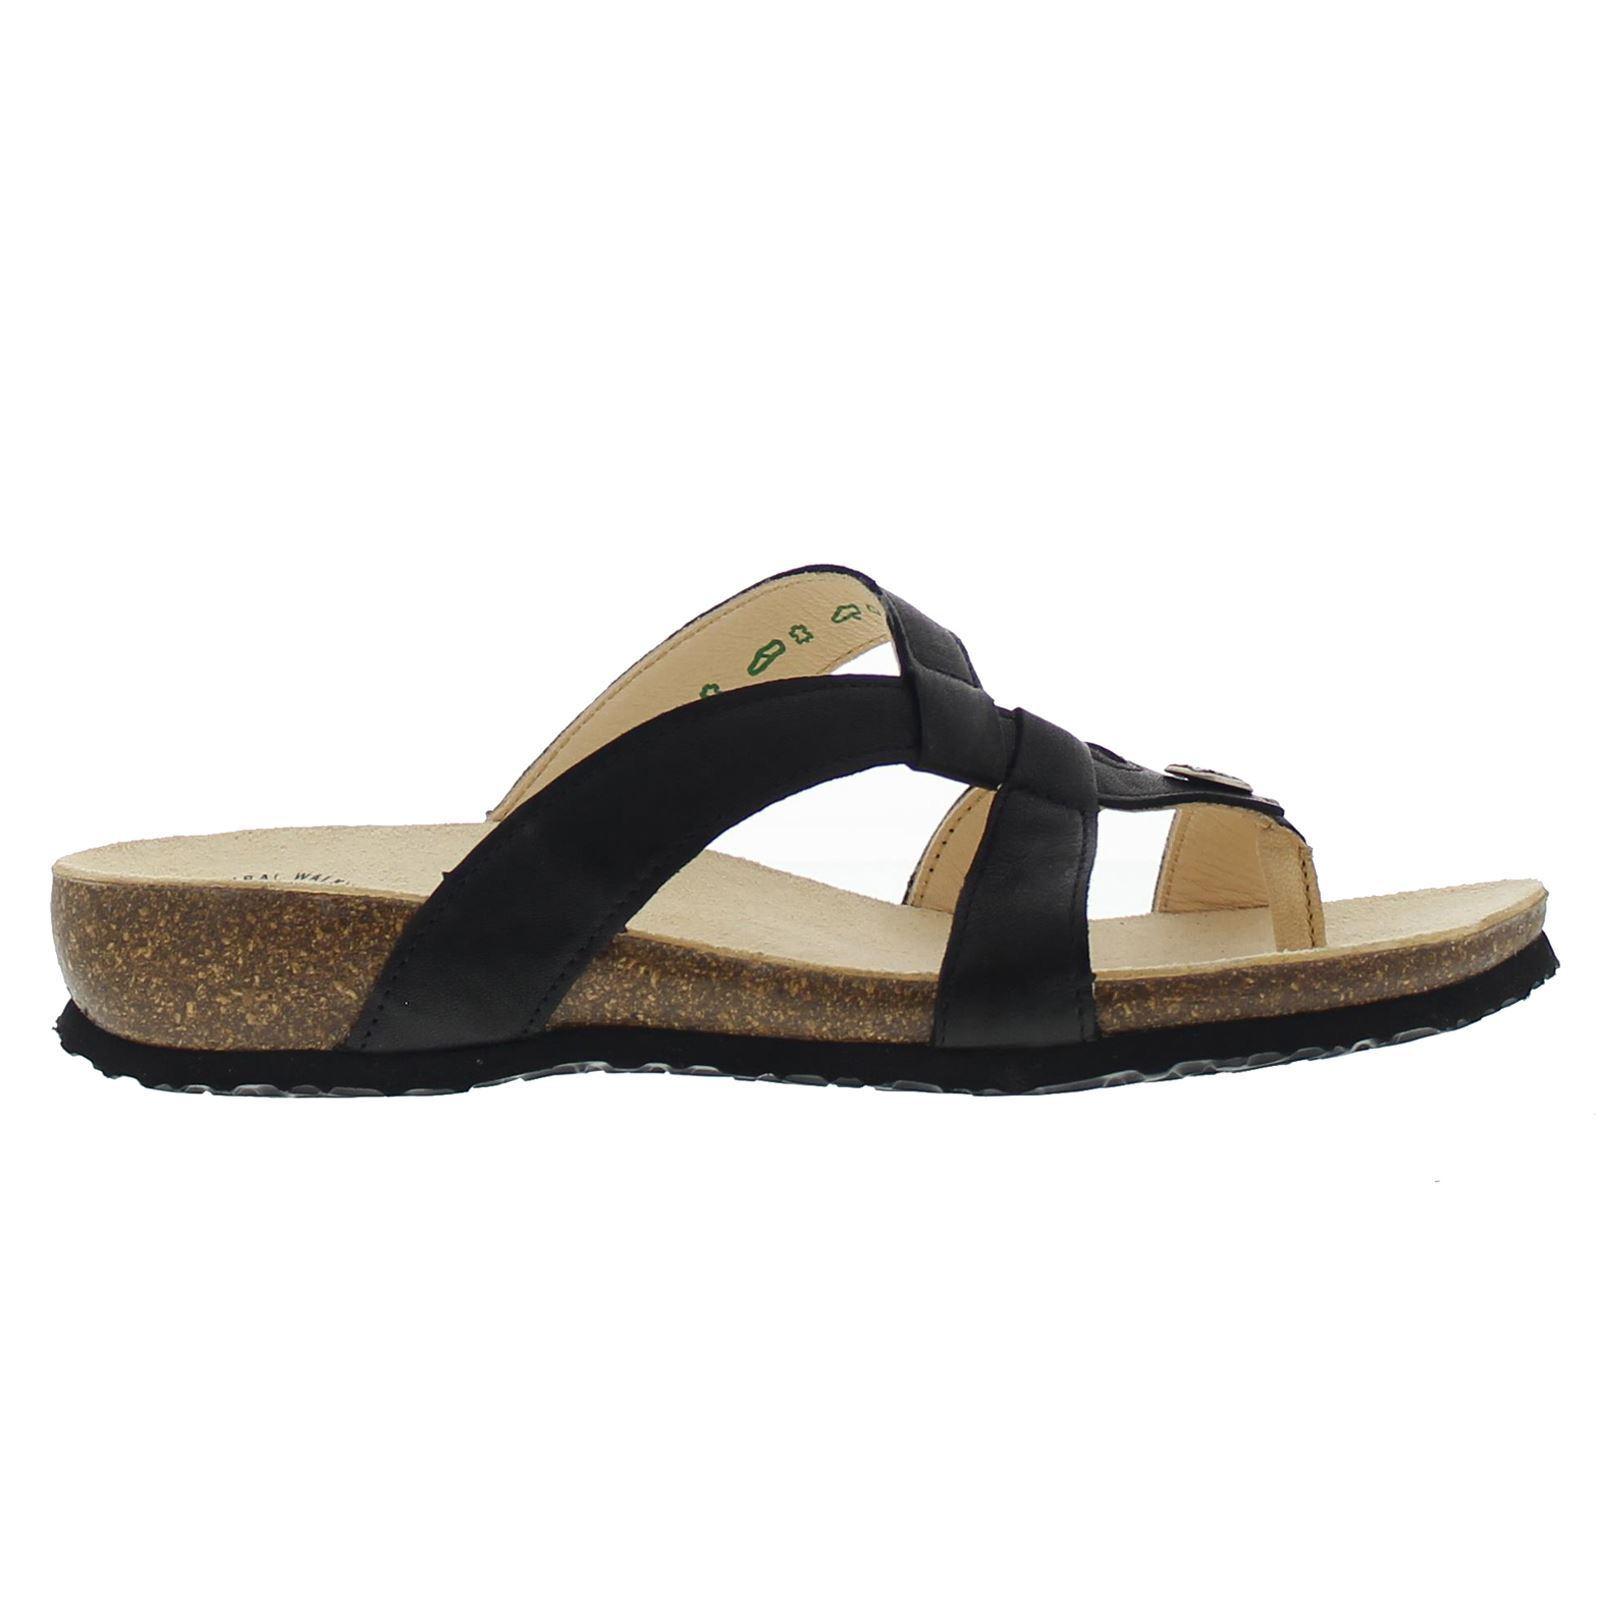 Think Julia 89333 Black Black 89333 Womens Sandals f0fb44